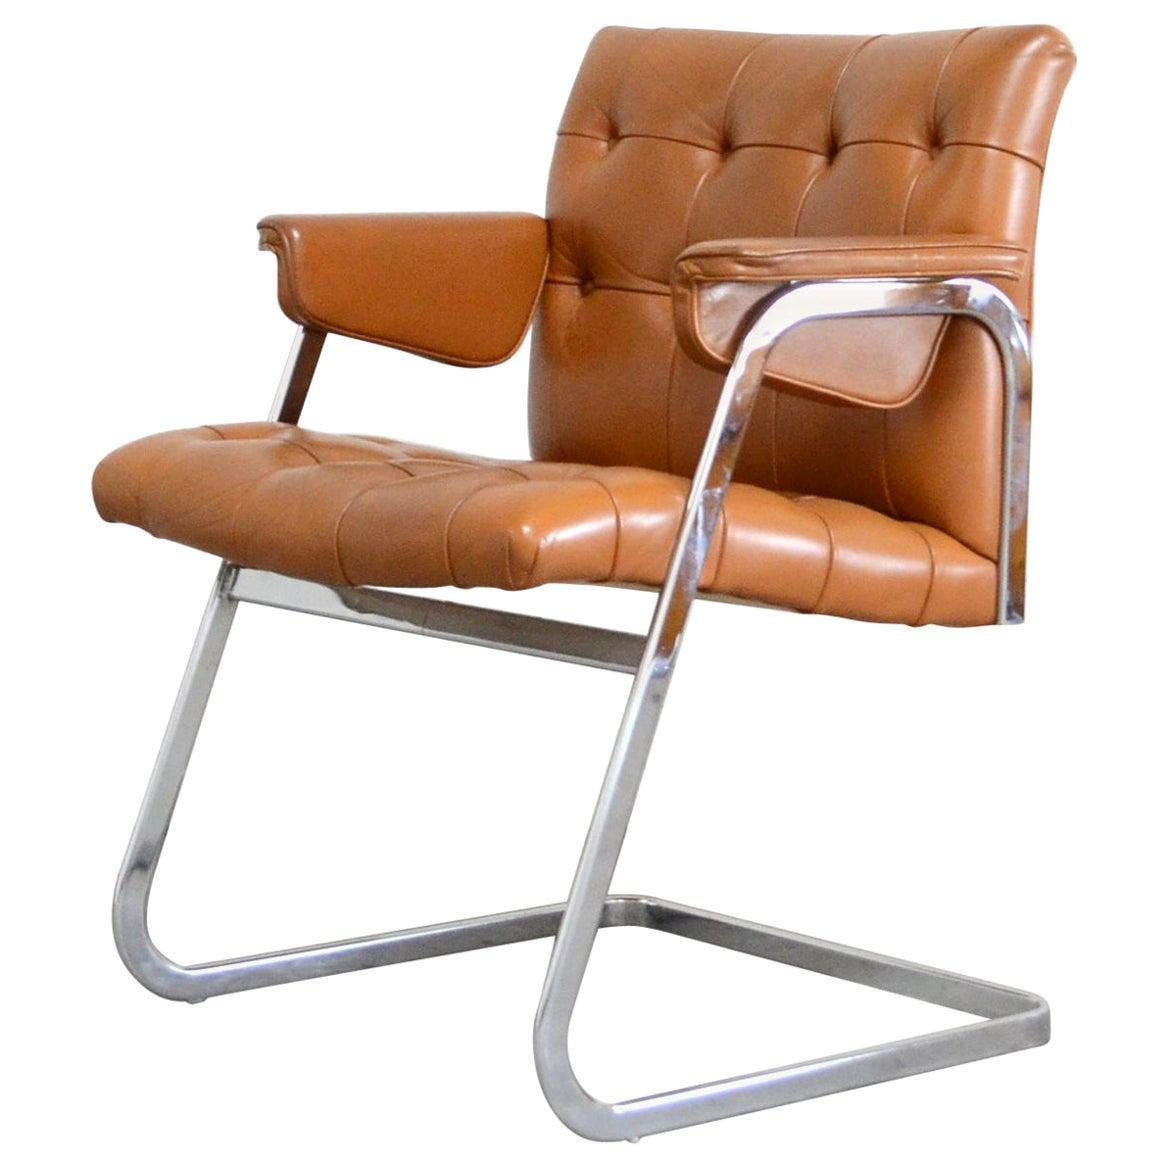 Robert Haussmann De Sede RH 305/ 304 UNESCO Softpad Chair Cognac